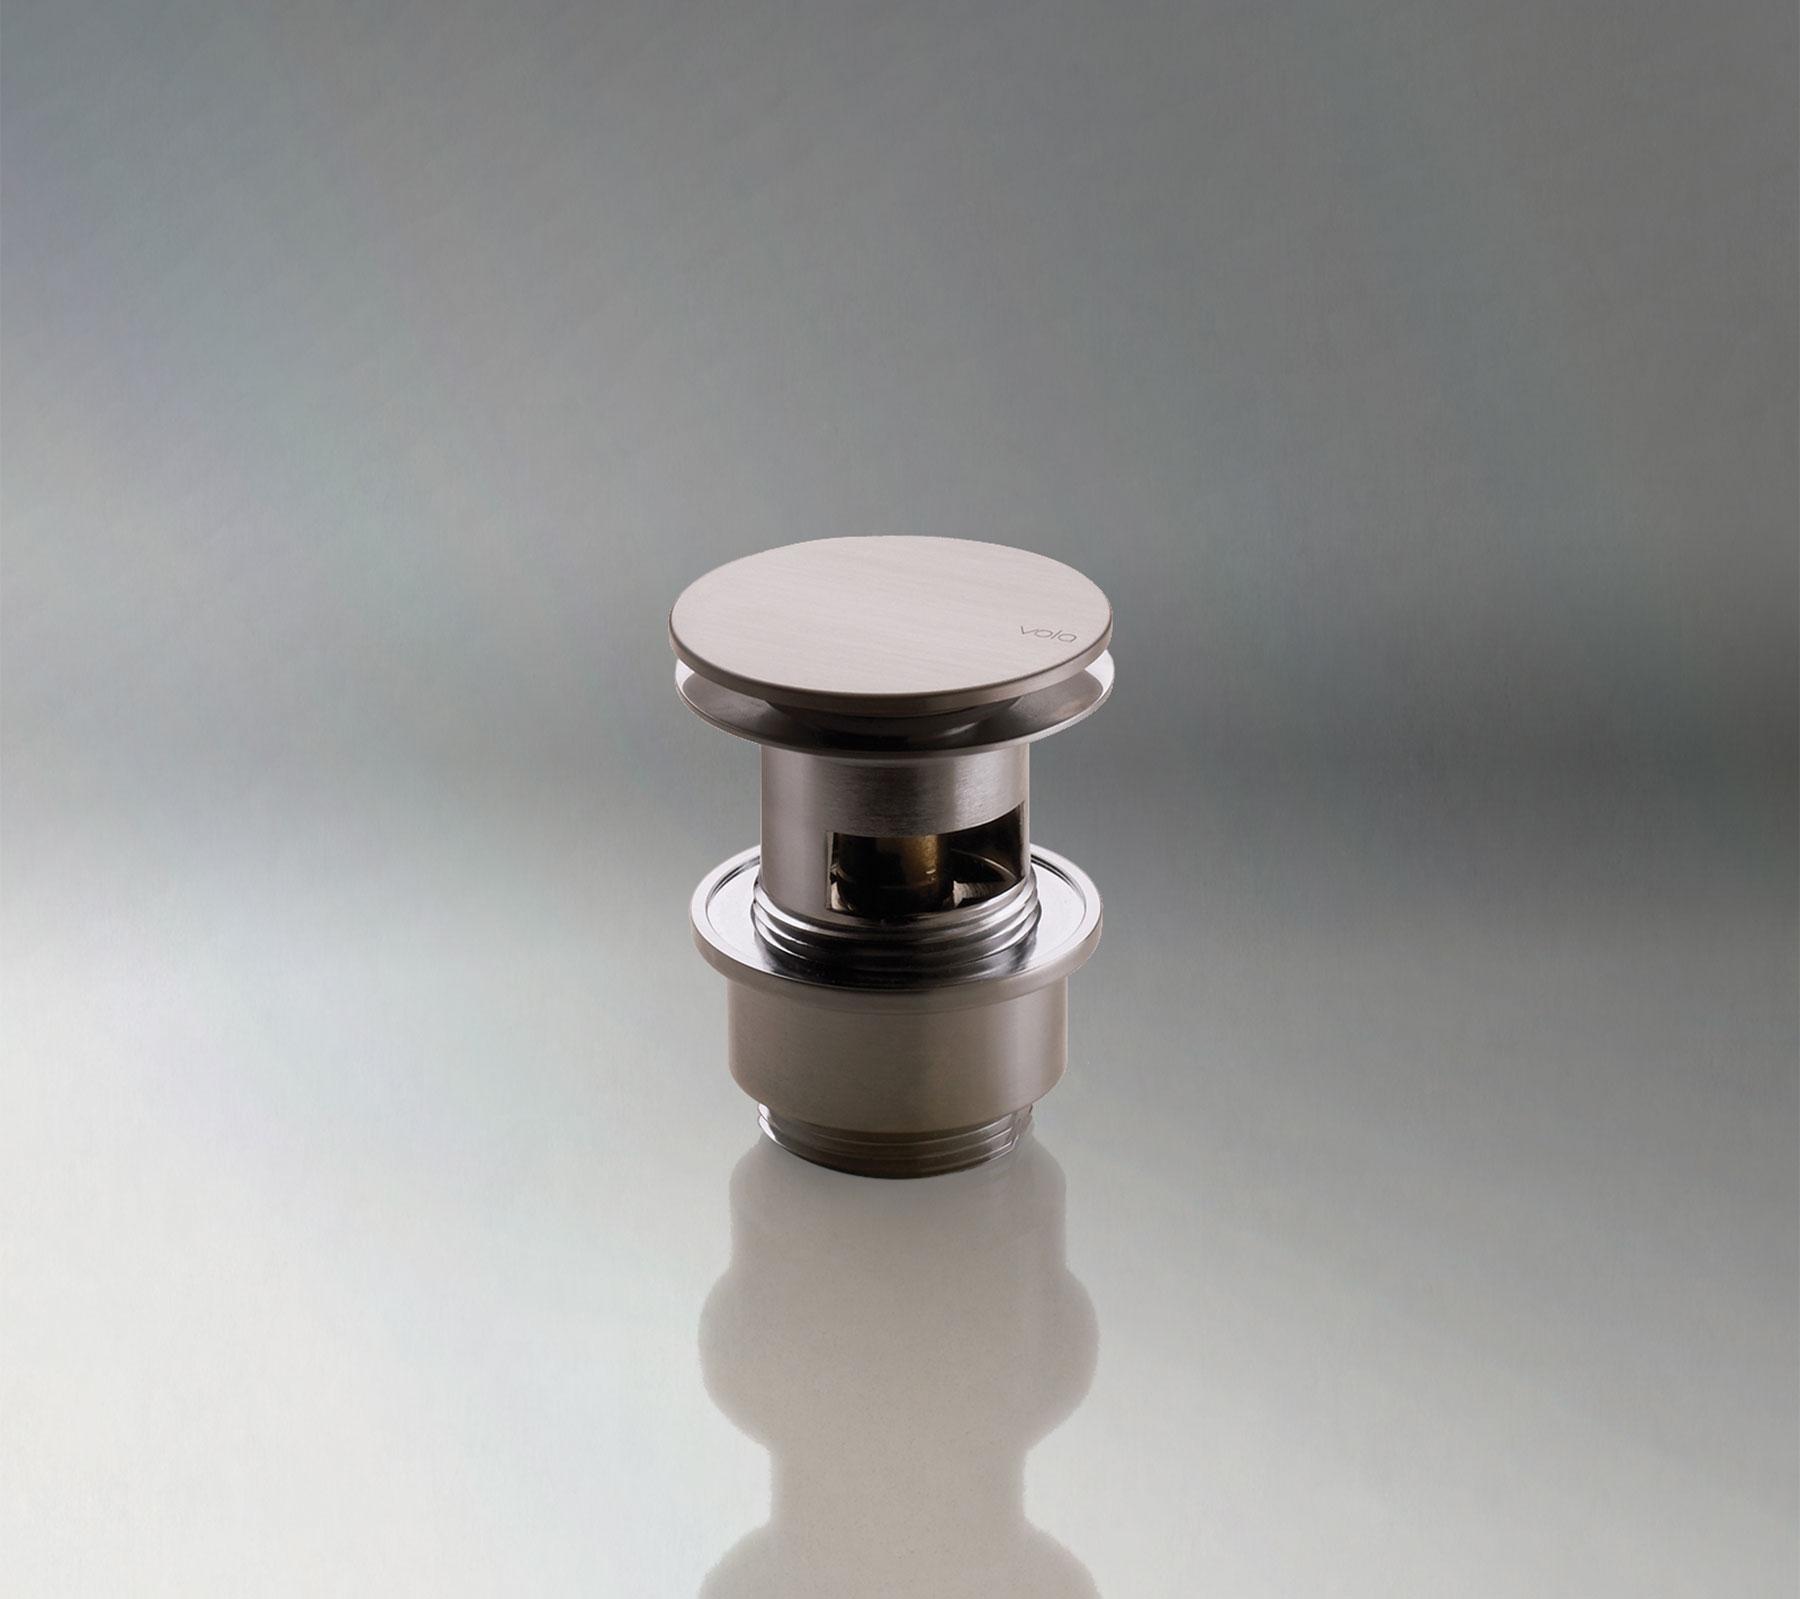 Modern Vola Push Button Drain